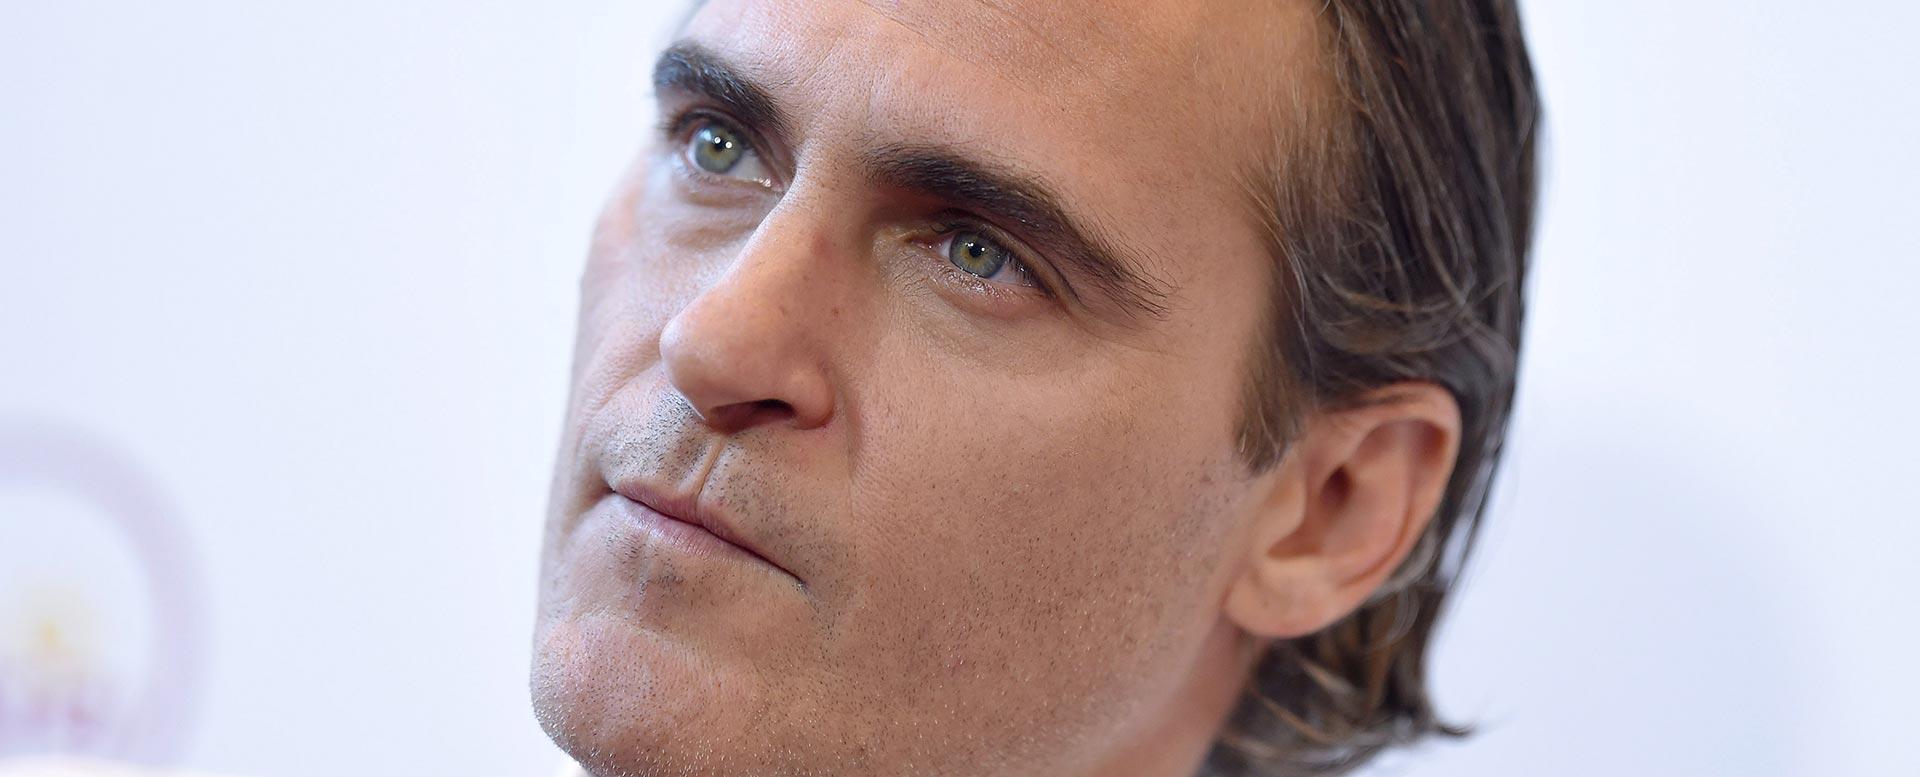 Leichte Form der Lippenspalte bei Schauspieler Joaquin Phoenix